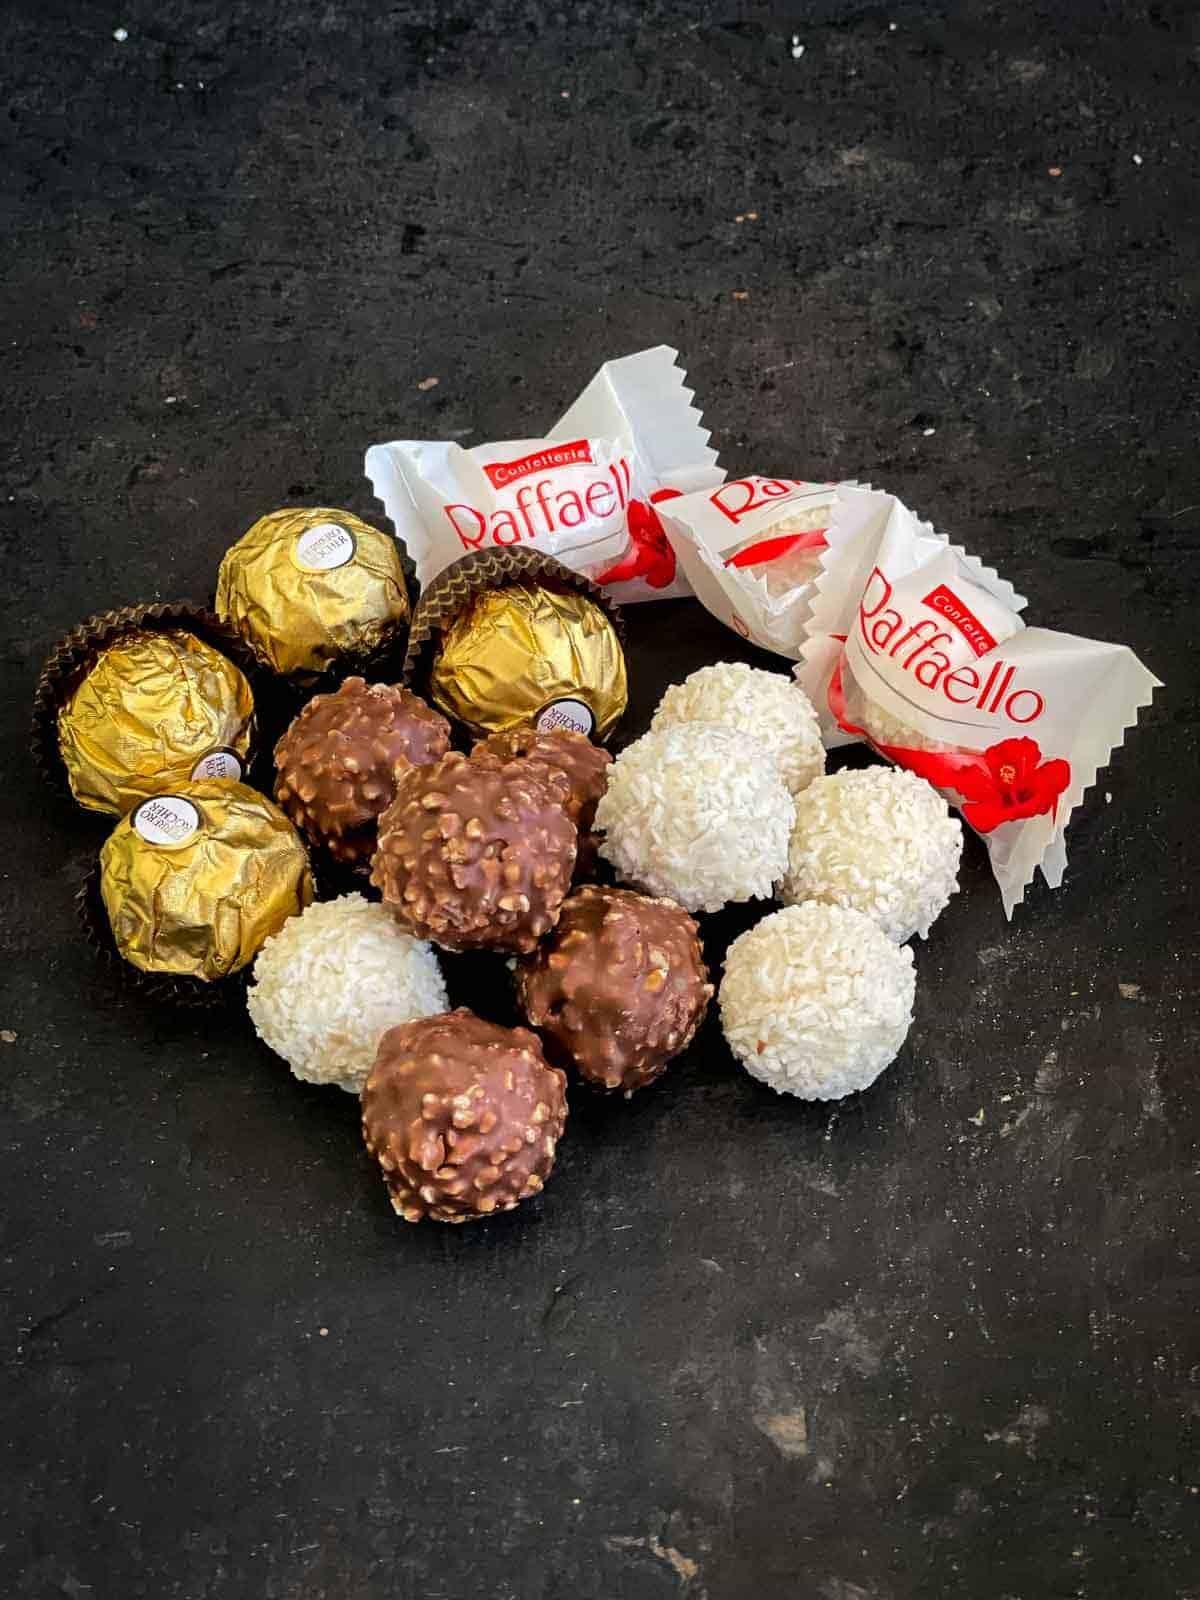 Ferrero Rocher and Raffaello chocolates